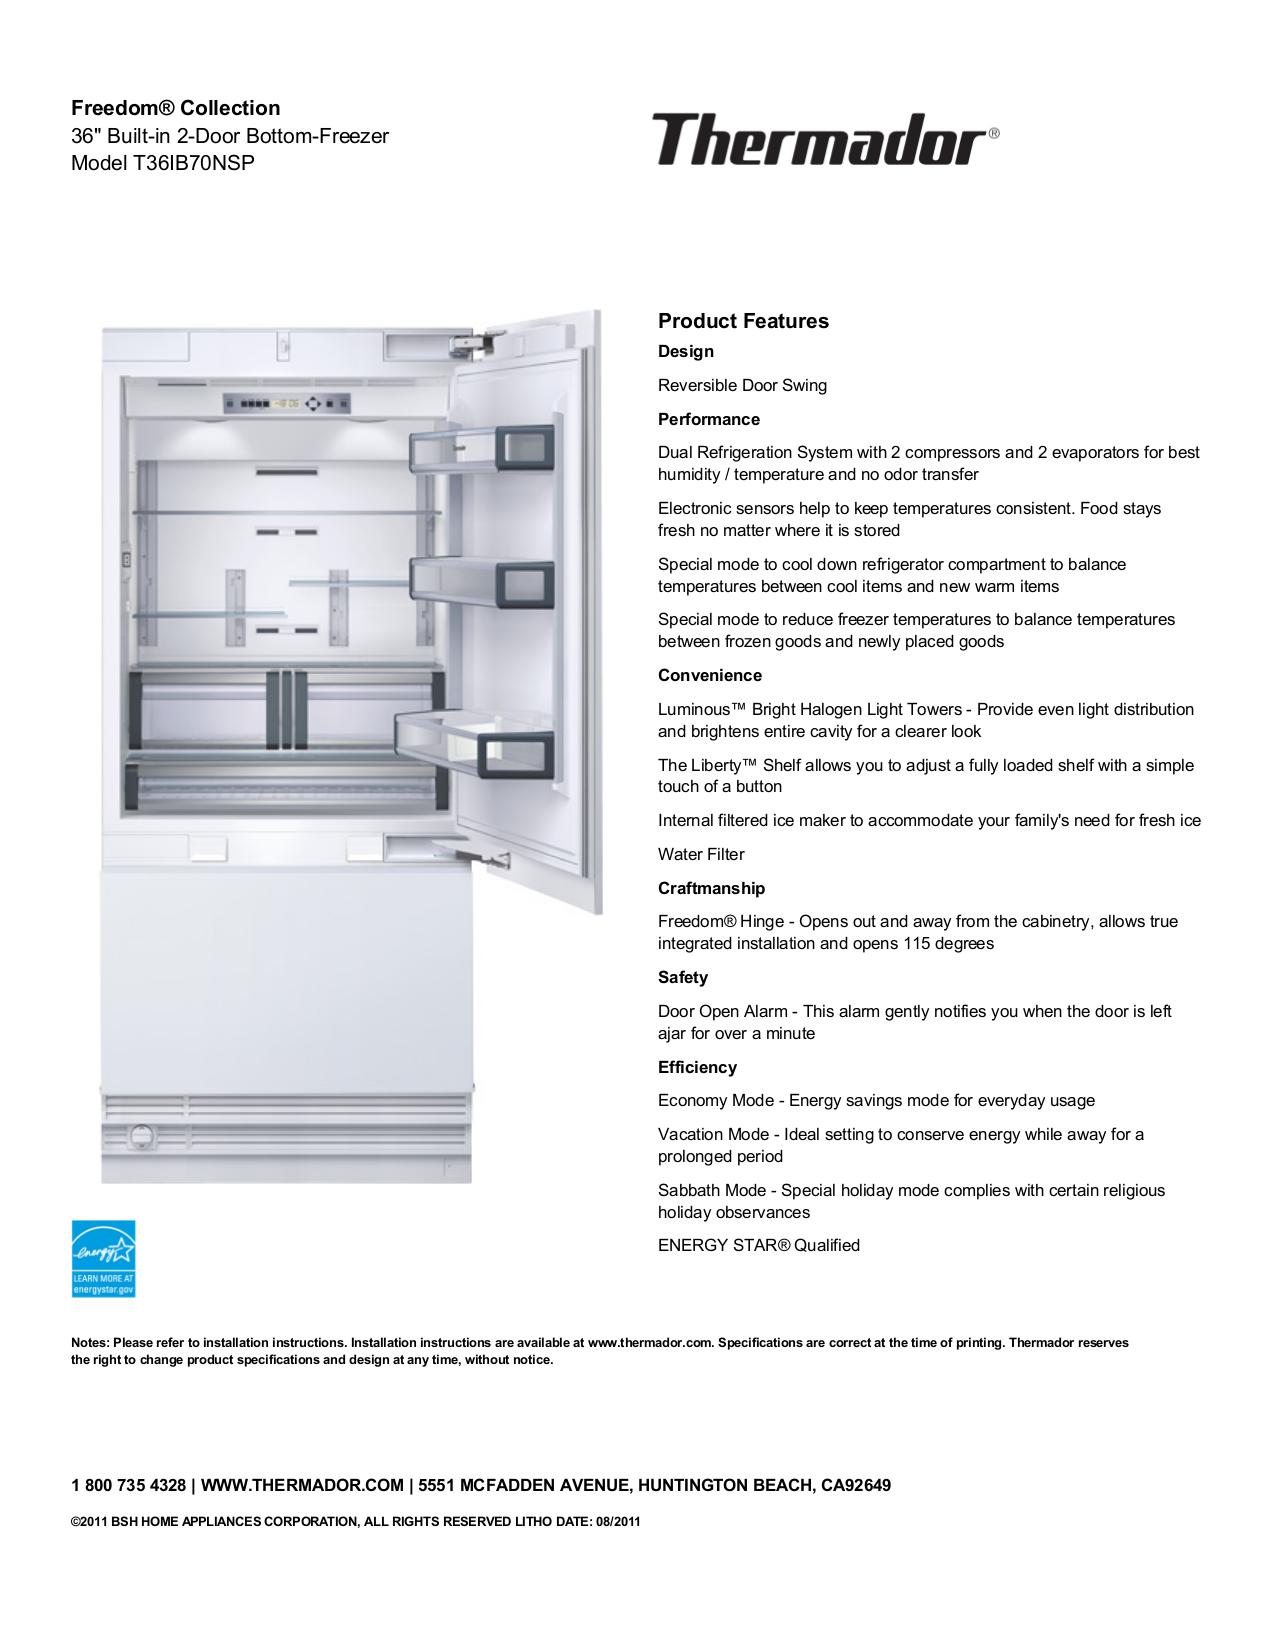 download free pdf for thermador freedom t36ib70nsp refrigerator manual rh umlib com thermador french door refrigerator manual thermador refrigerator repair manual